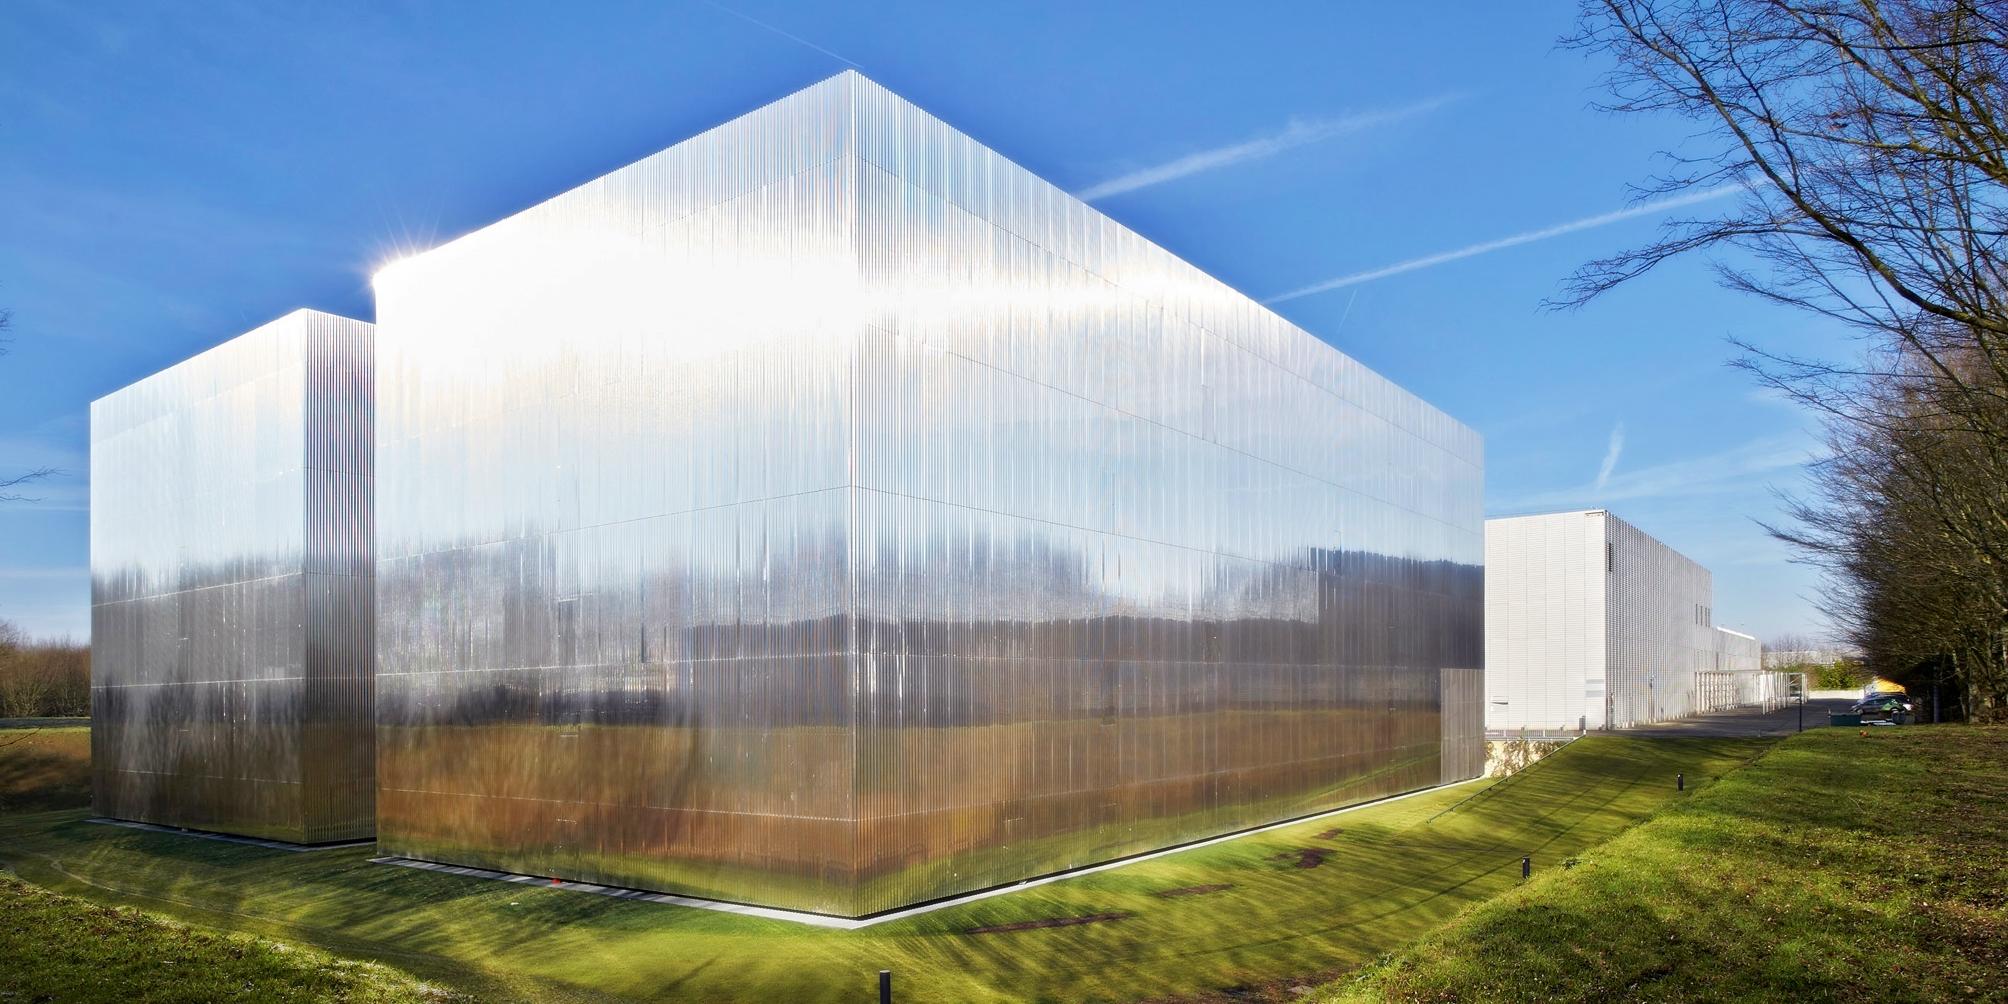 нержавеющая сталь в архитектуре